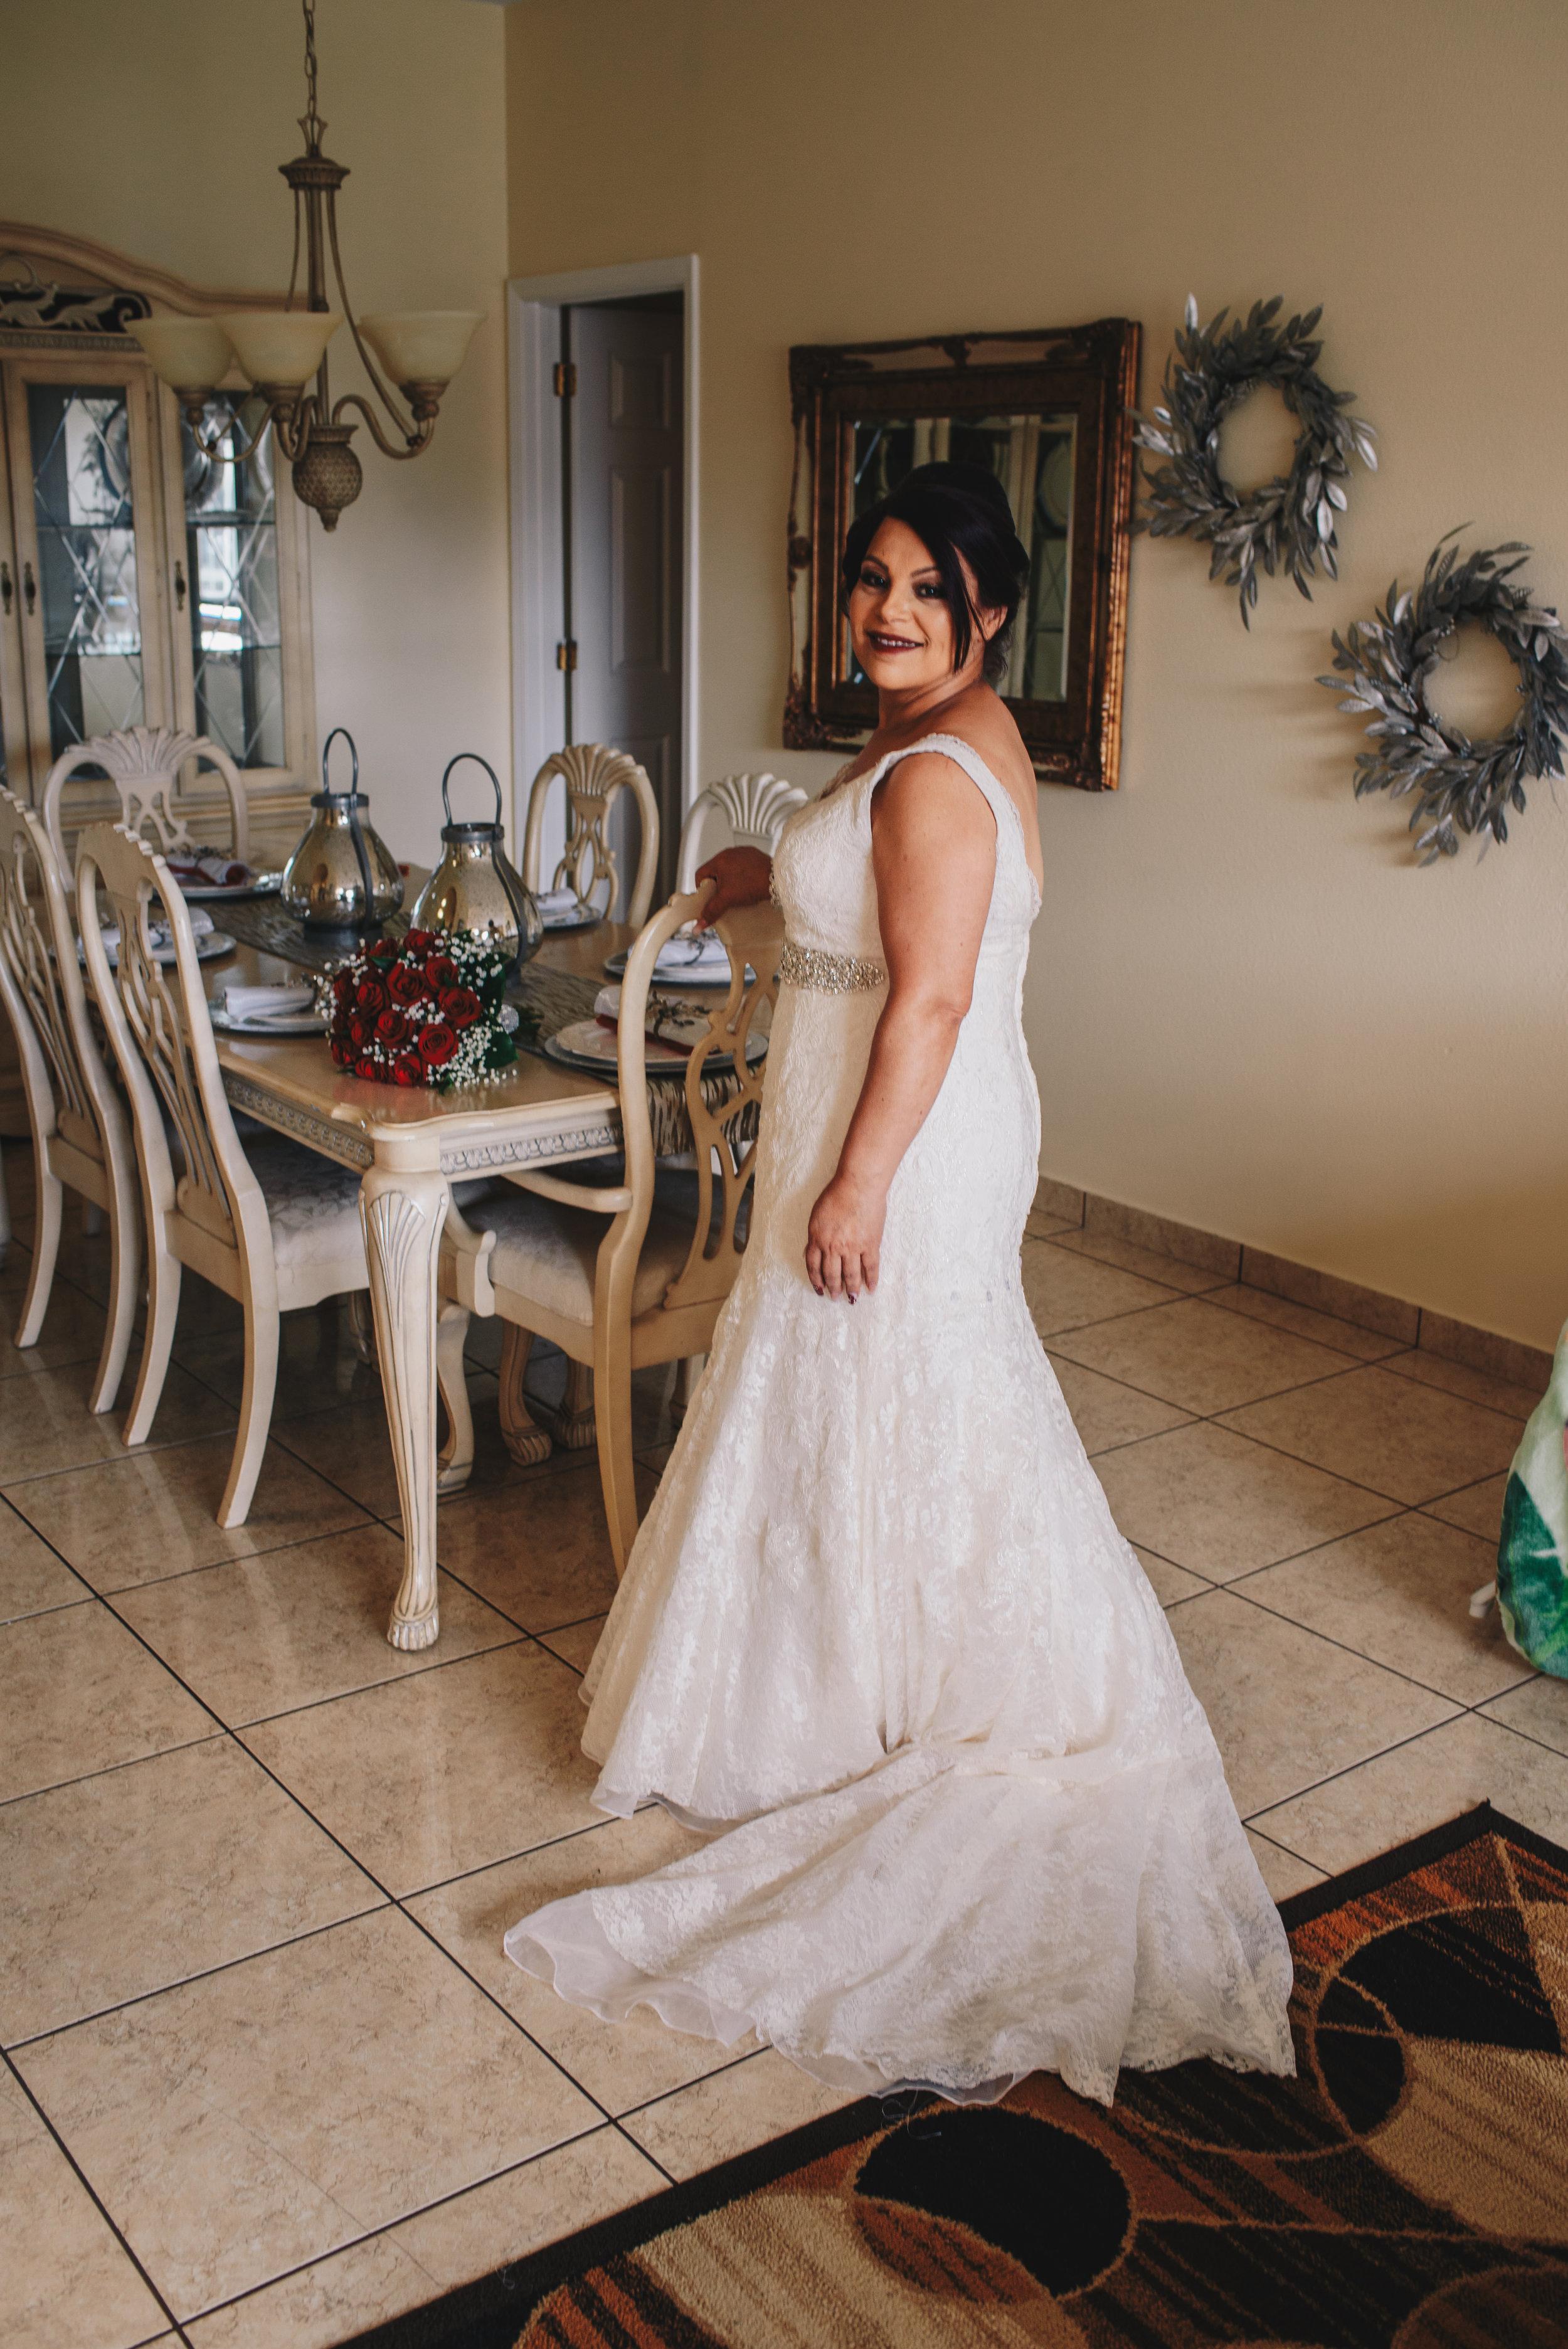 Los-Vargas-Photo-Wedding-Vow-Renewal-Central-Florida-33.jpg